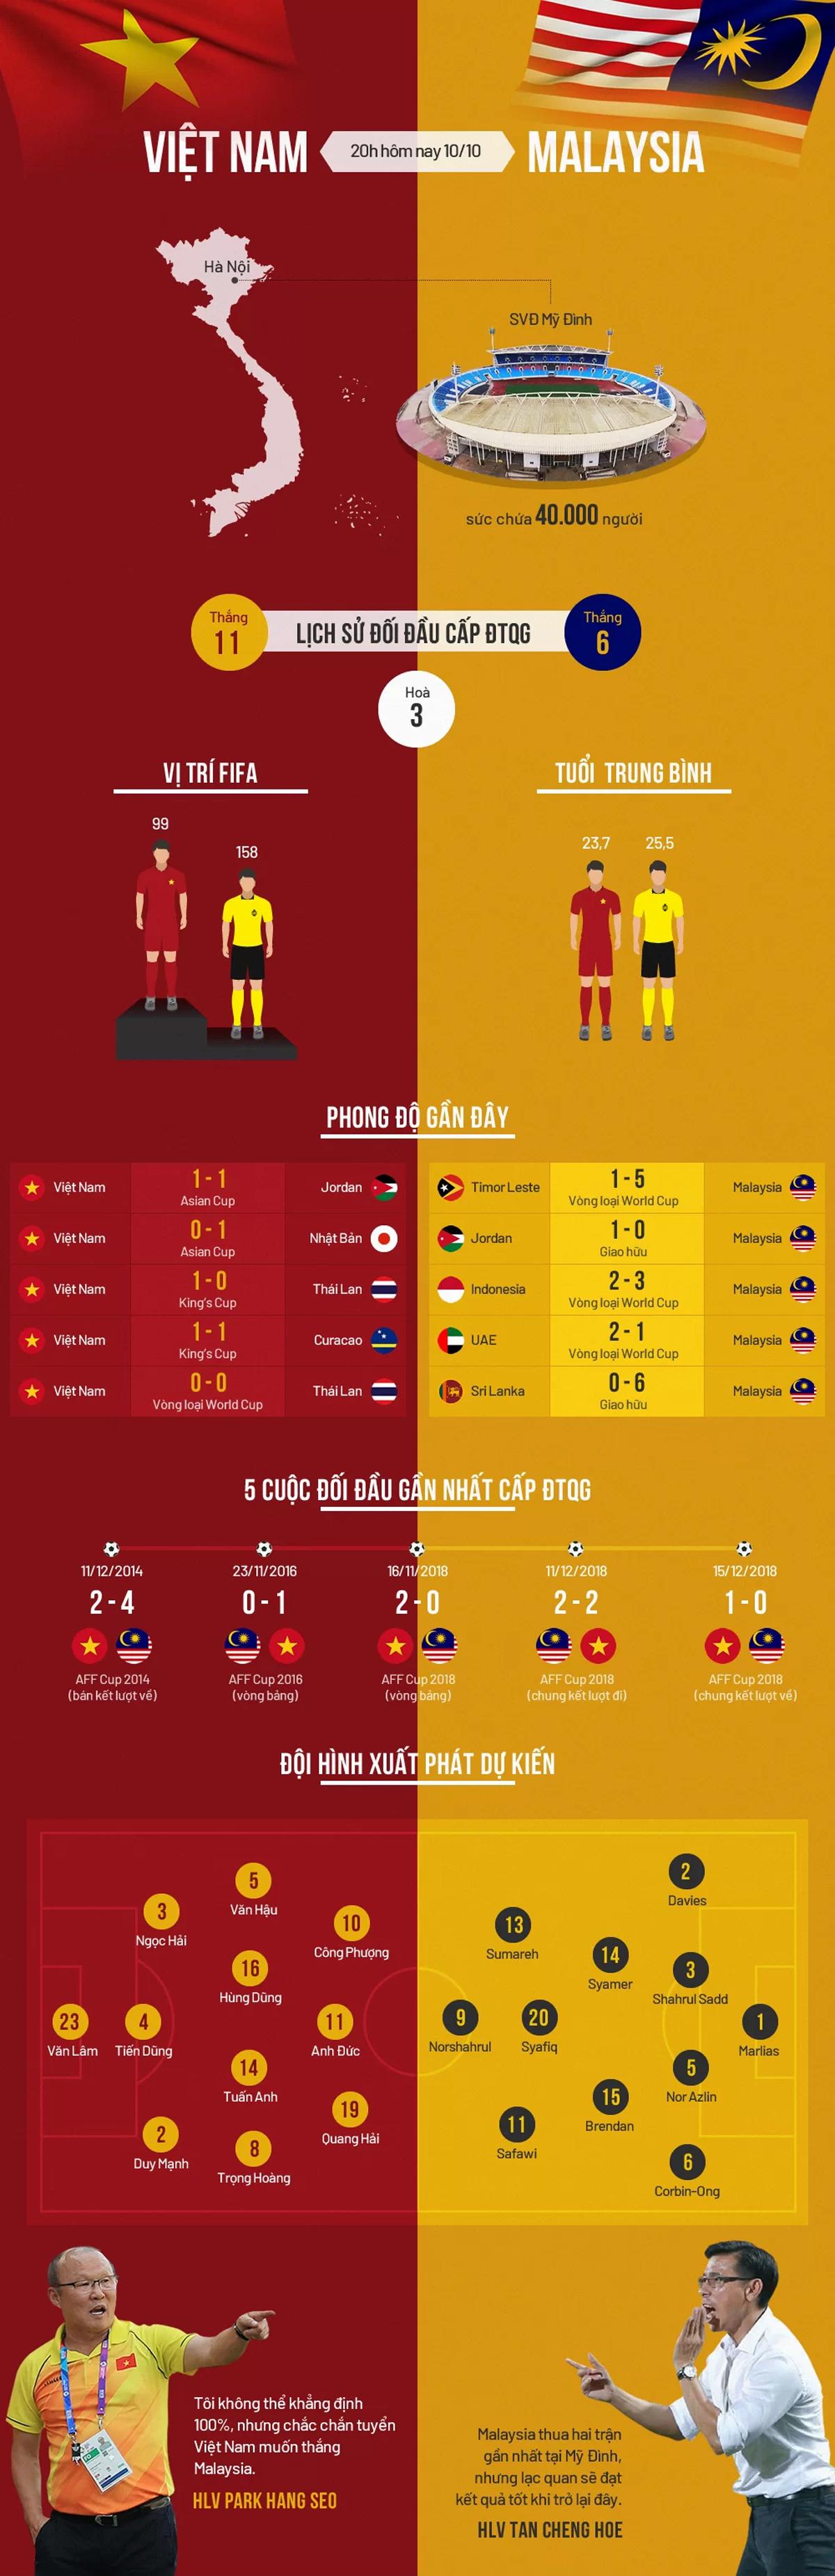 Việt Nam, vượt trội, Malaysia, trước giờ xung trận, vòng loại World Cup 2022